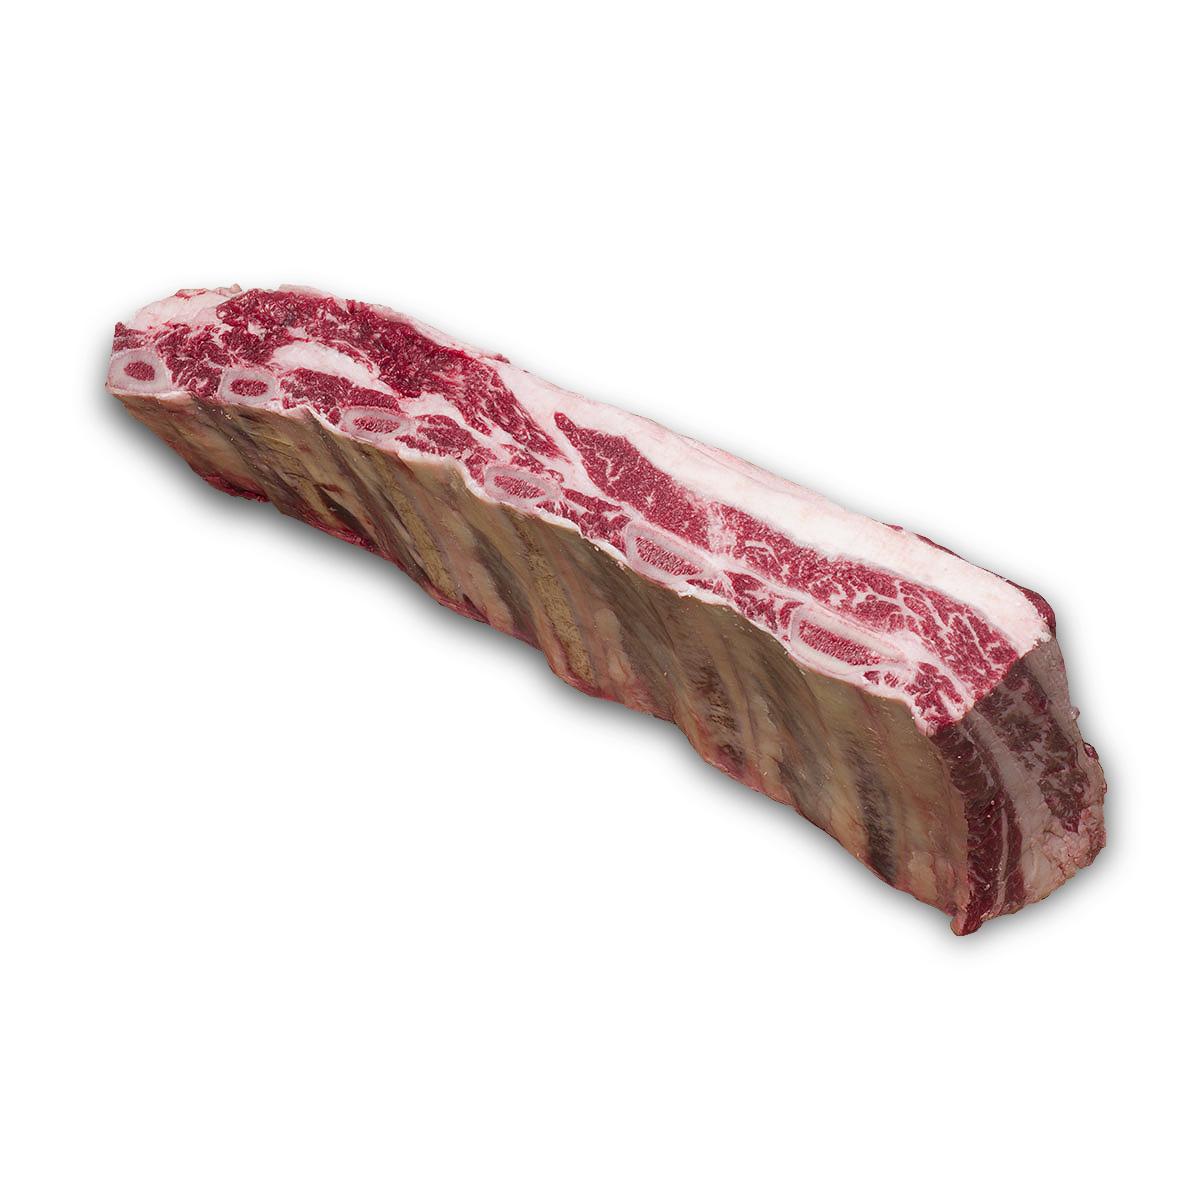 Wagyu Beef Ribs - BMS 10